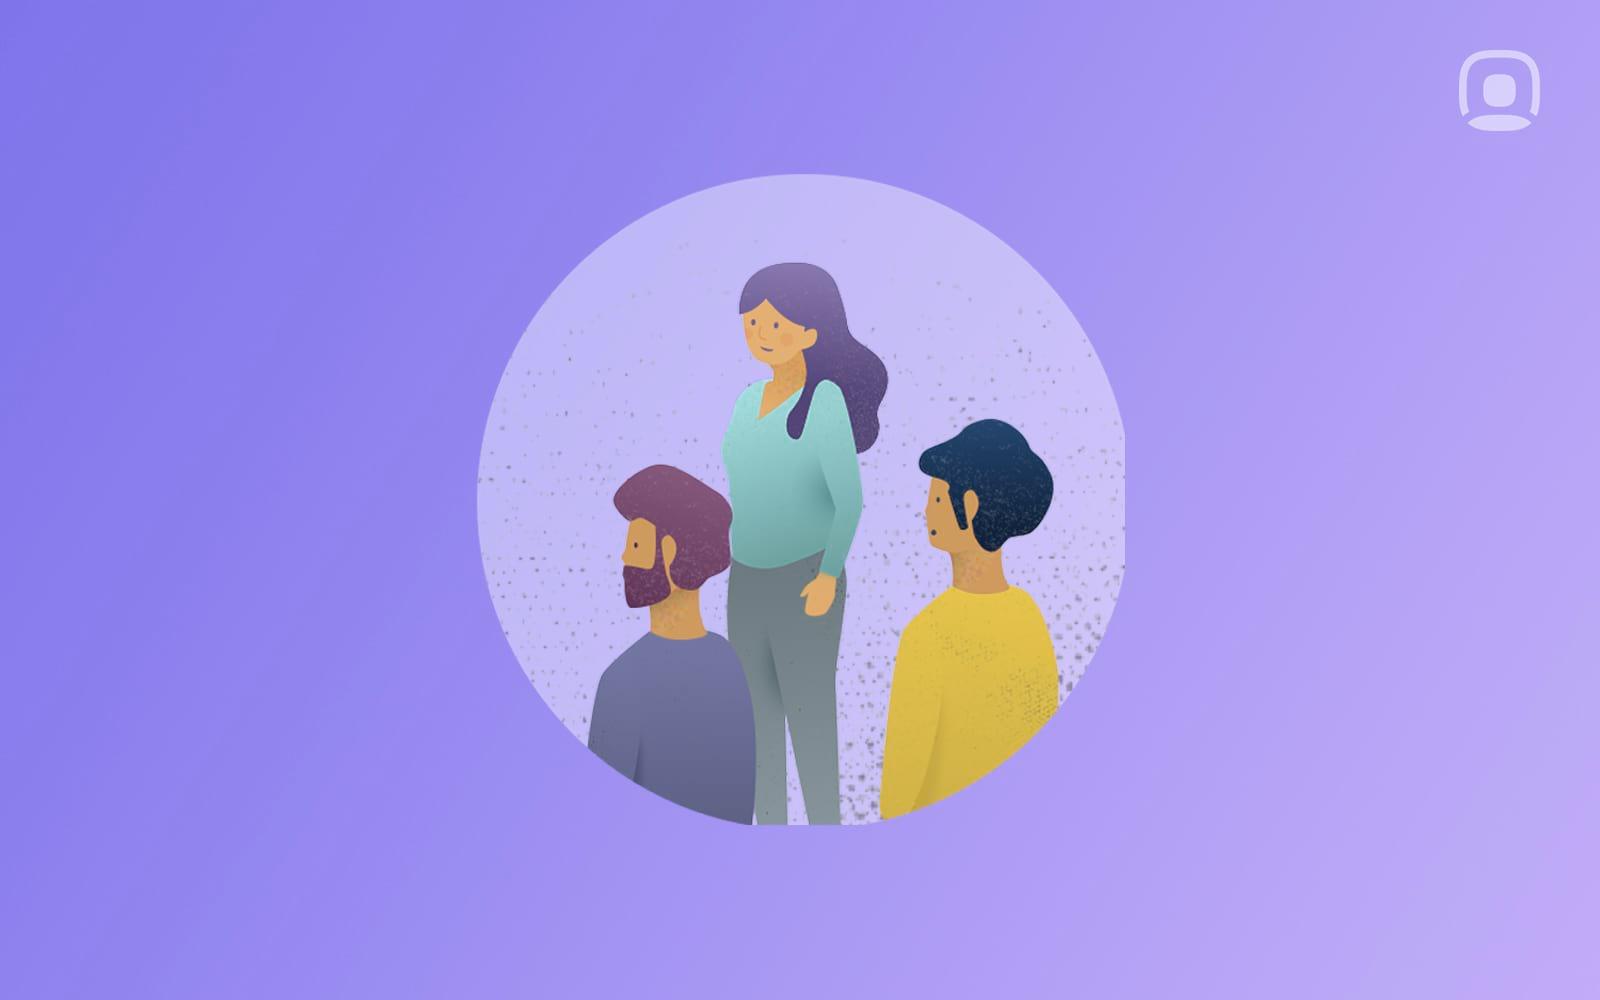 ¿Qué son los recursos humanos?